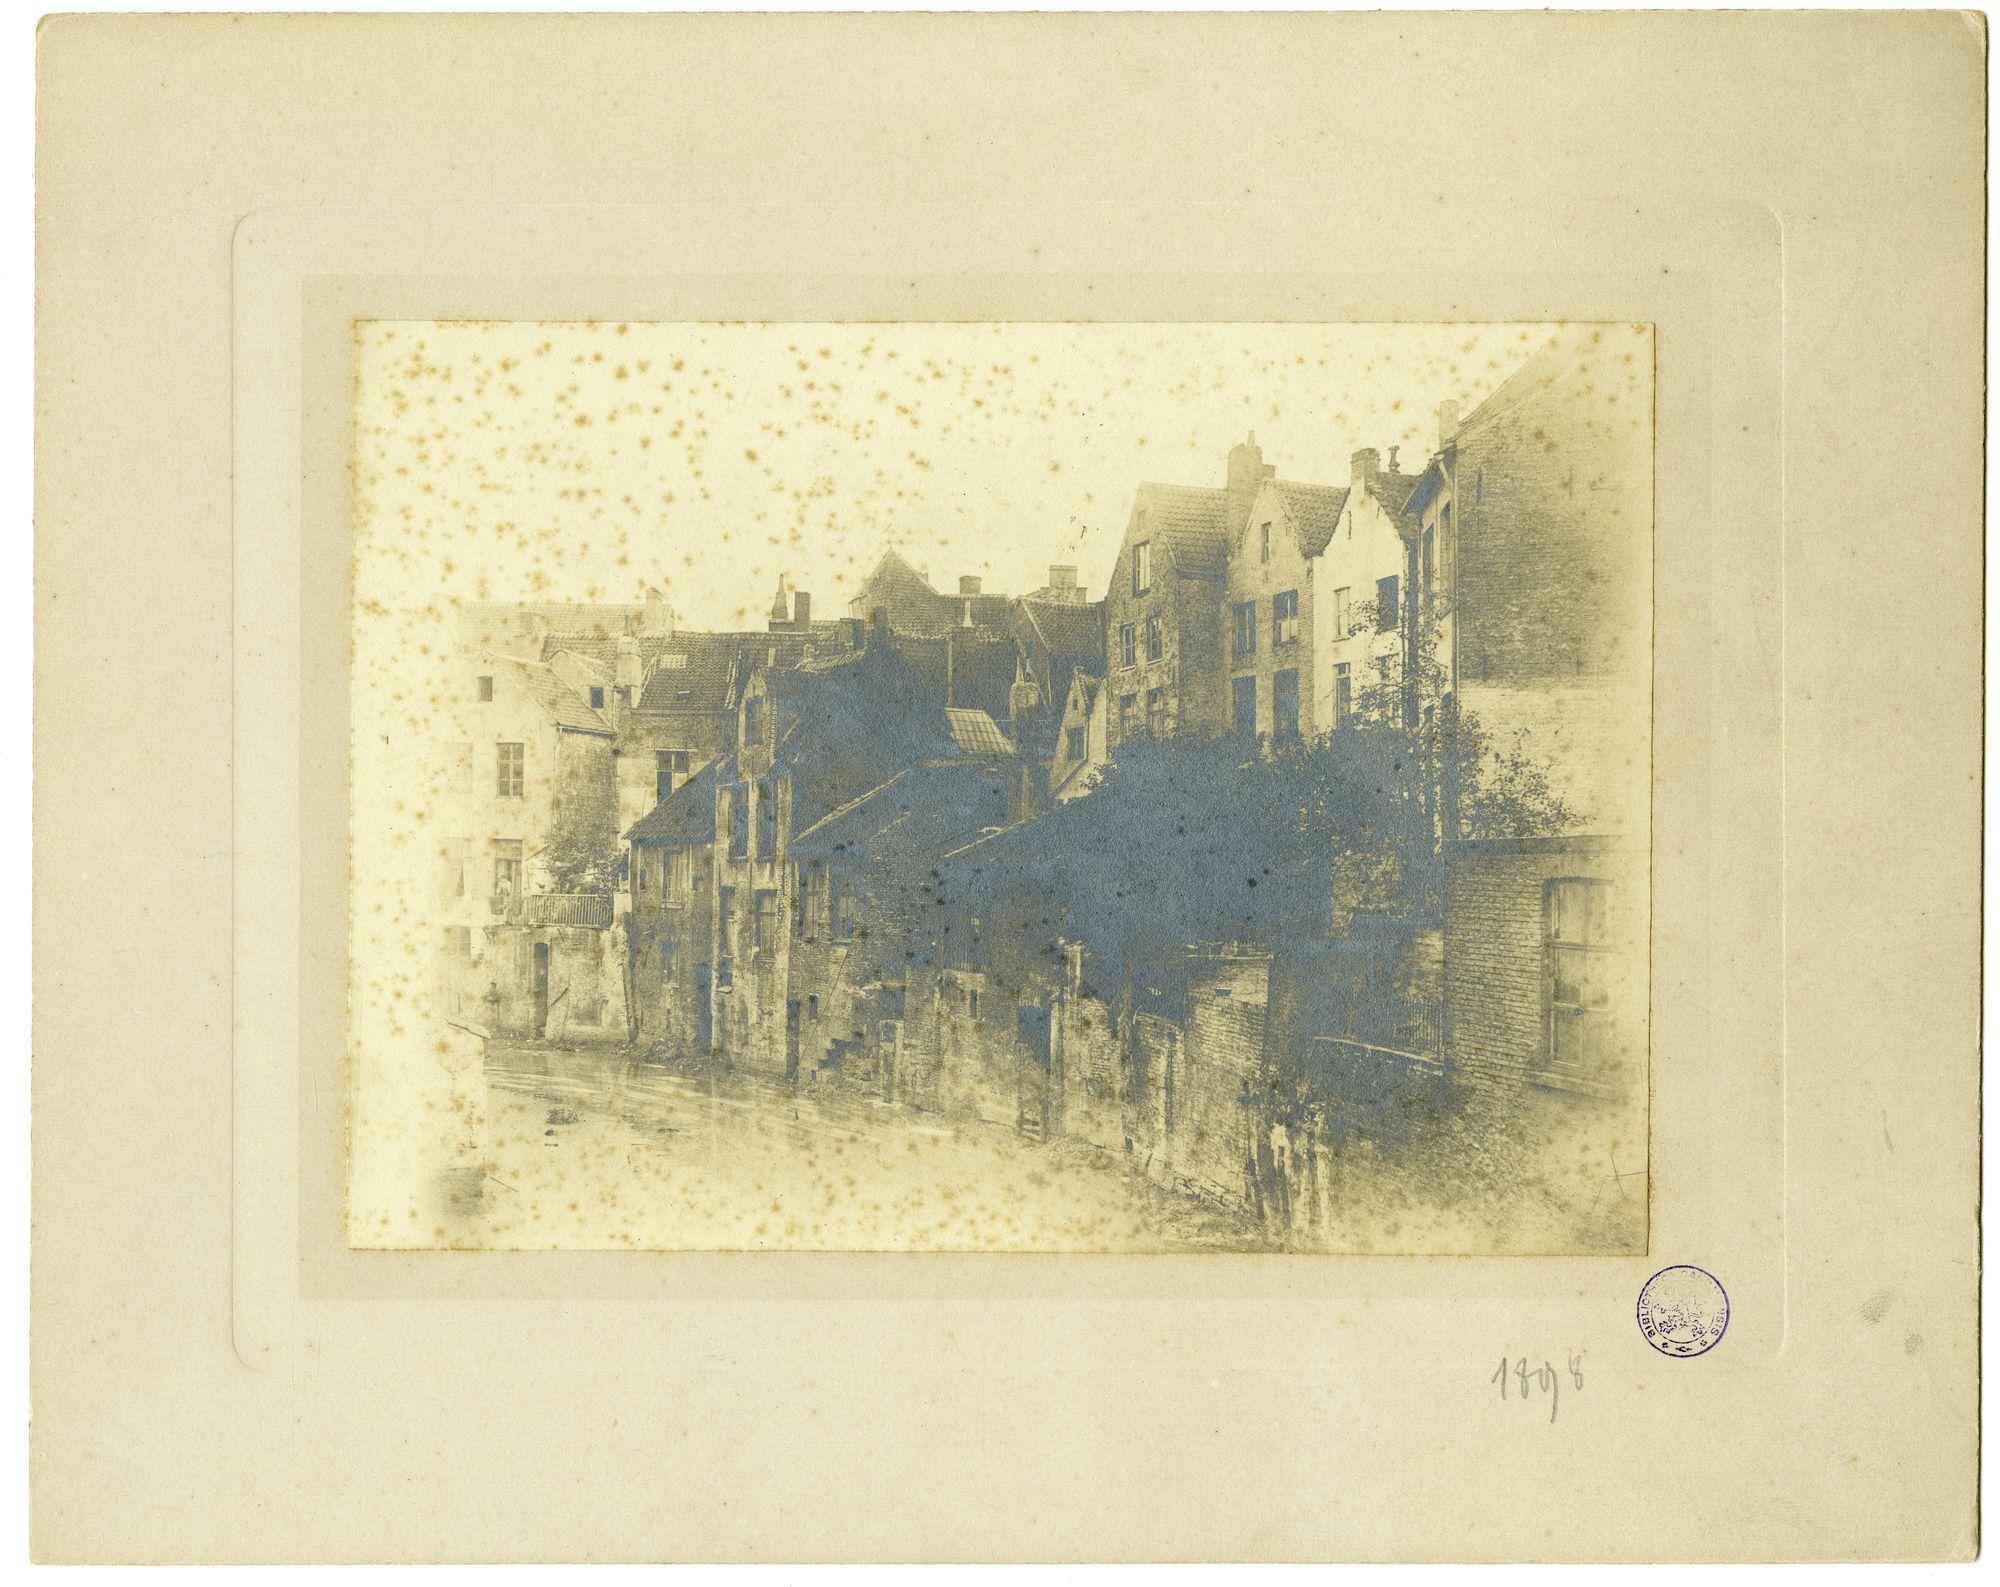 Gent: Oude Houtlei, achterzijde huizen aan de Pekelharing, Houtlei gedemt in 1899